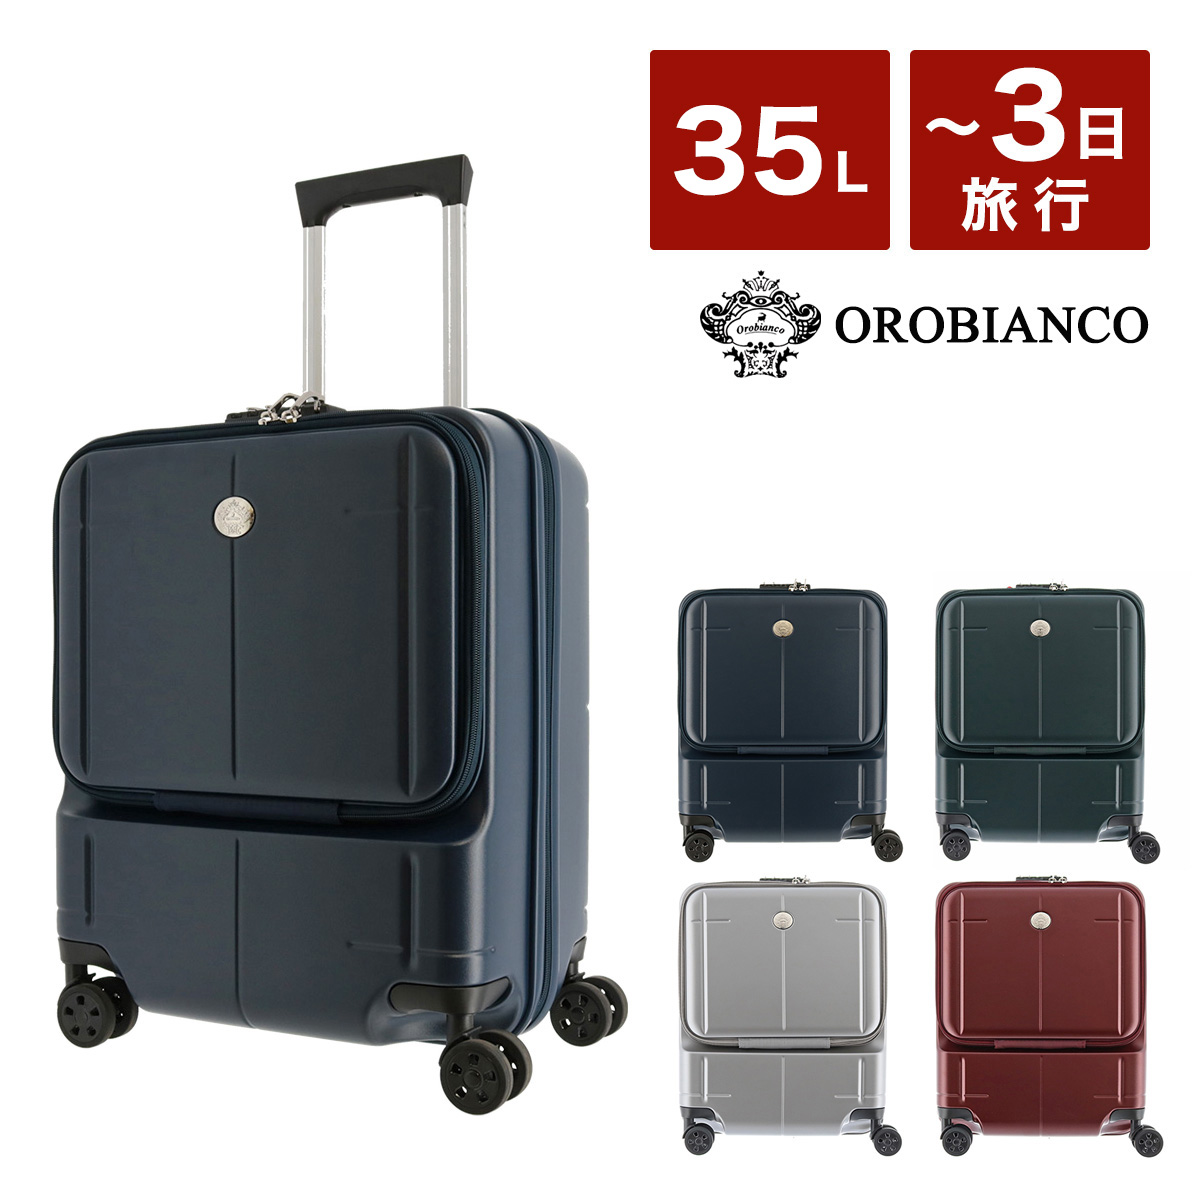 オロビアンコ スーツケース 47cm ハード ARZILLO 35L 9712   OROBIANCO キャリーケース TSAロック搭載 フロントオープン ポケット付き メンズ【即日発送】【PO10】